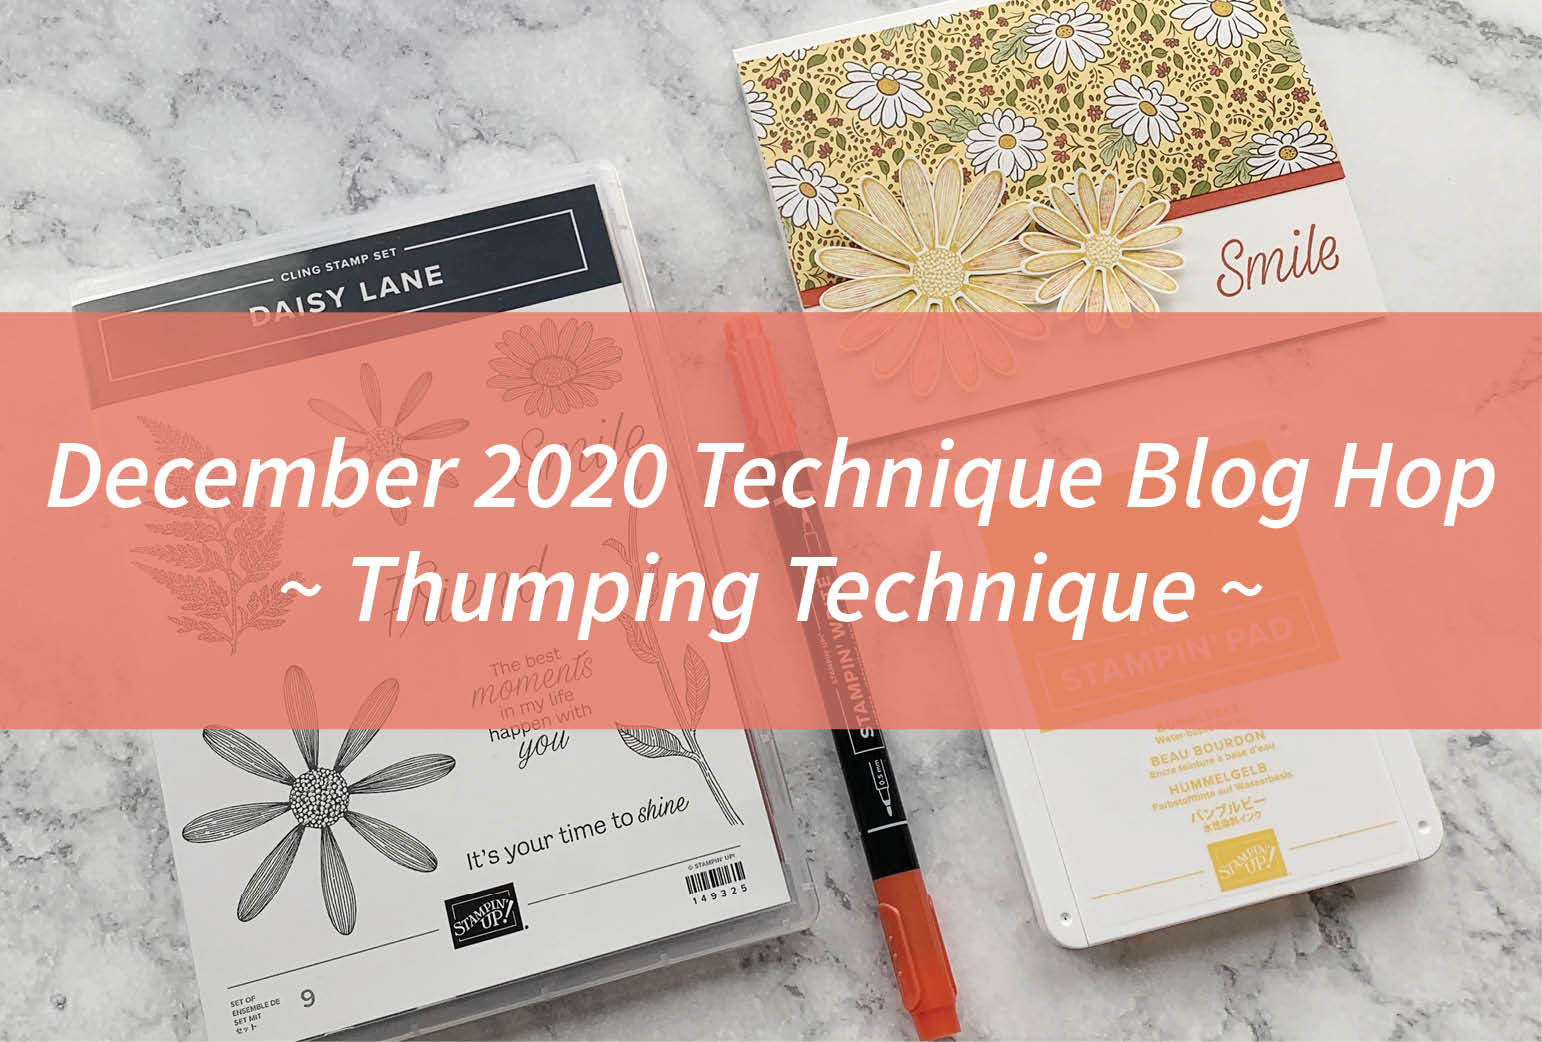 December 2020 Technique Blog Hop – Thumping Technique